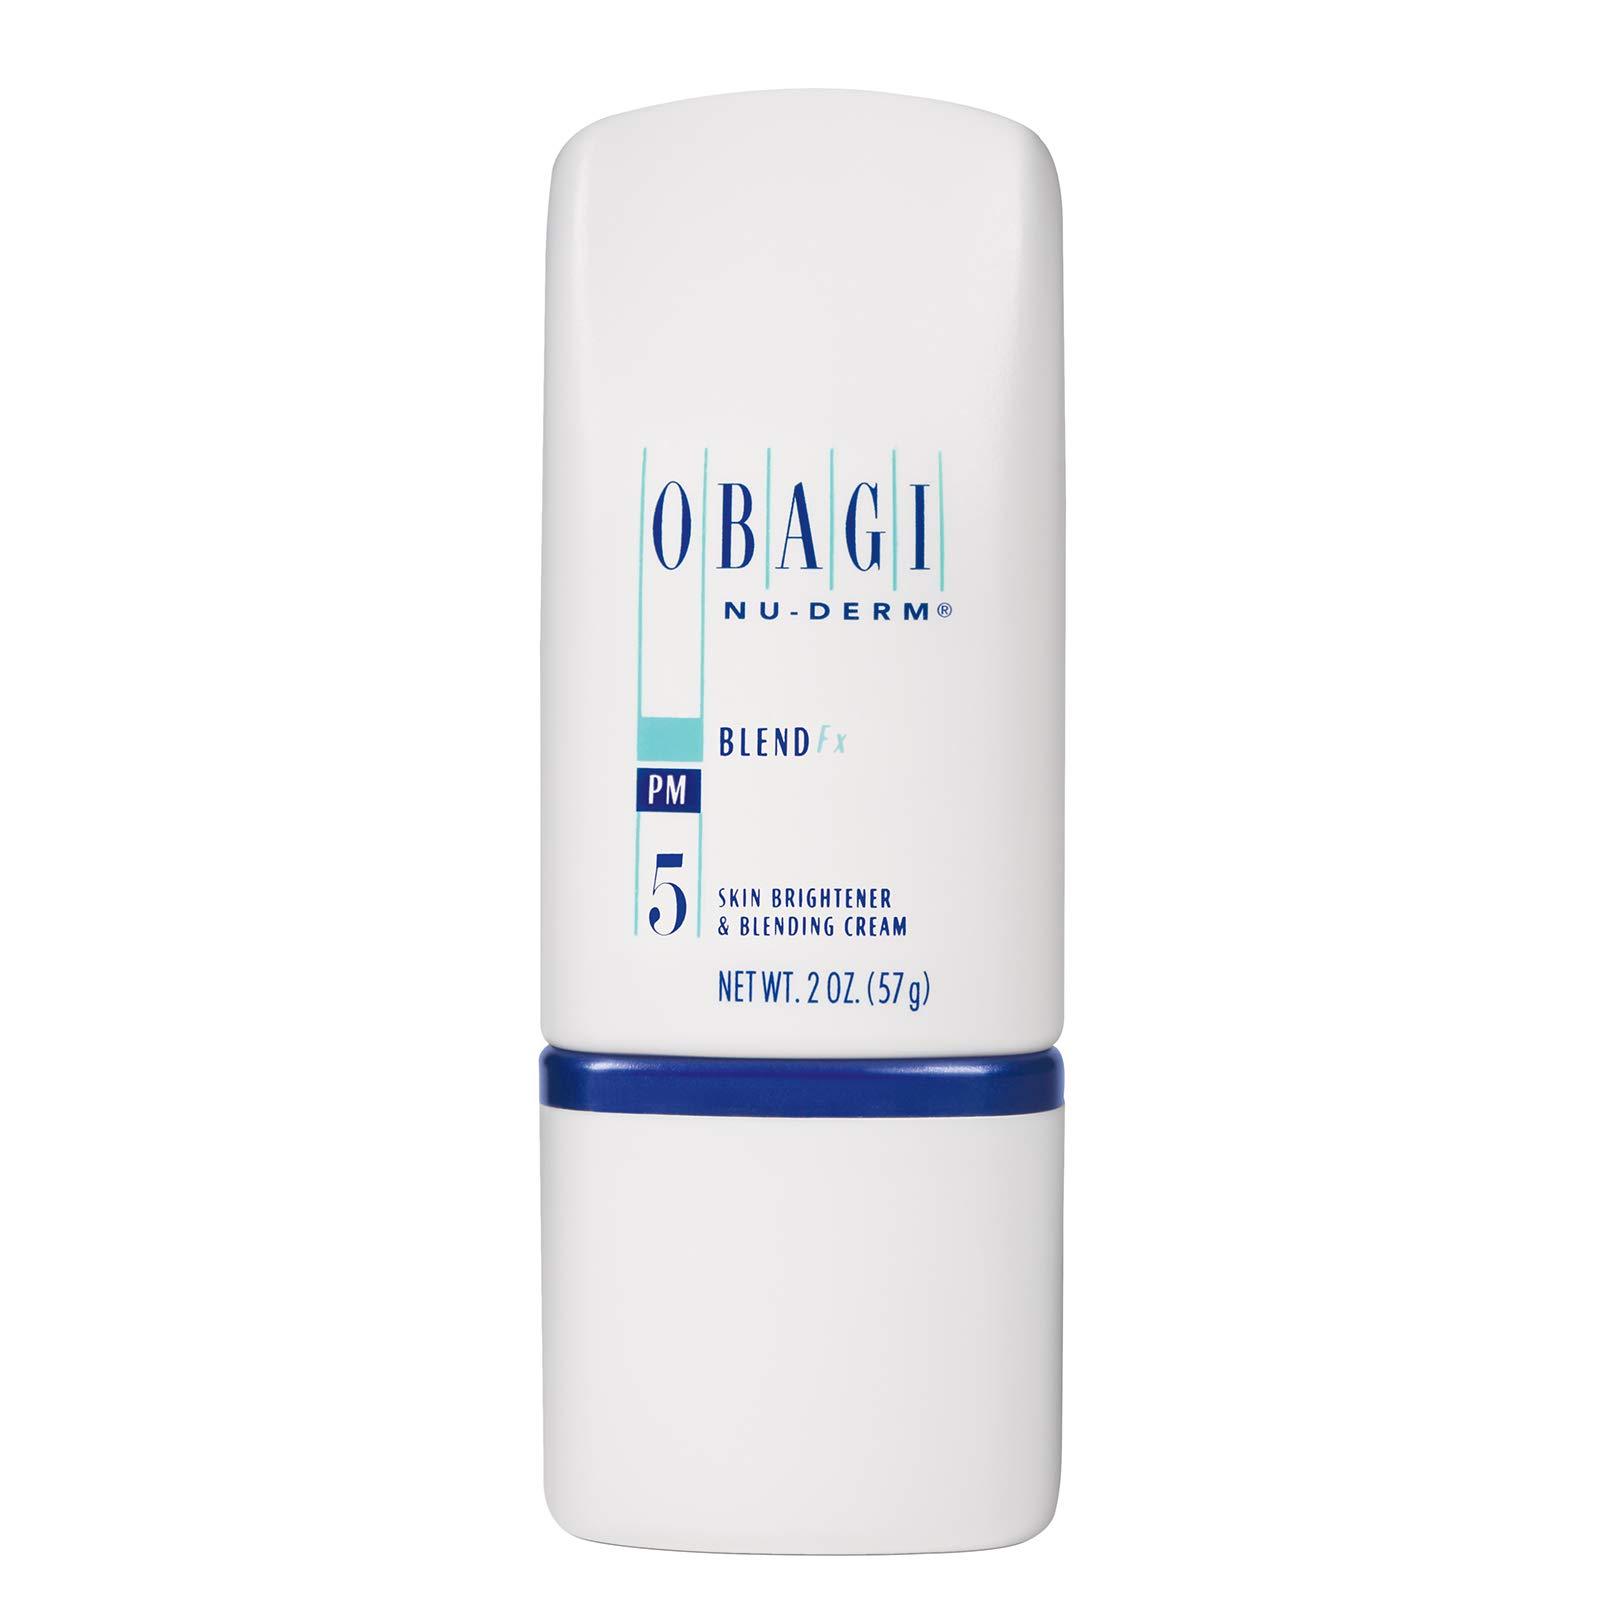 Obagi Medical Nu-Derm Blend Fx, 2 oz Pack of 1